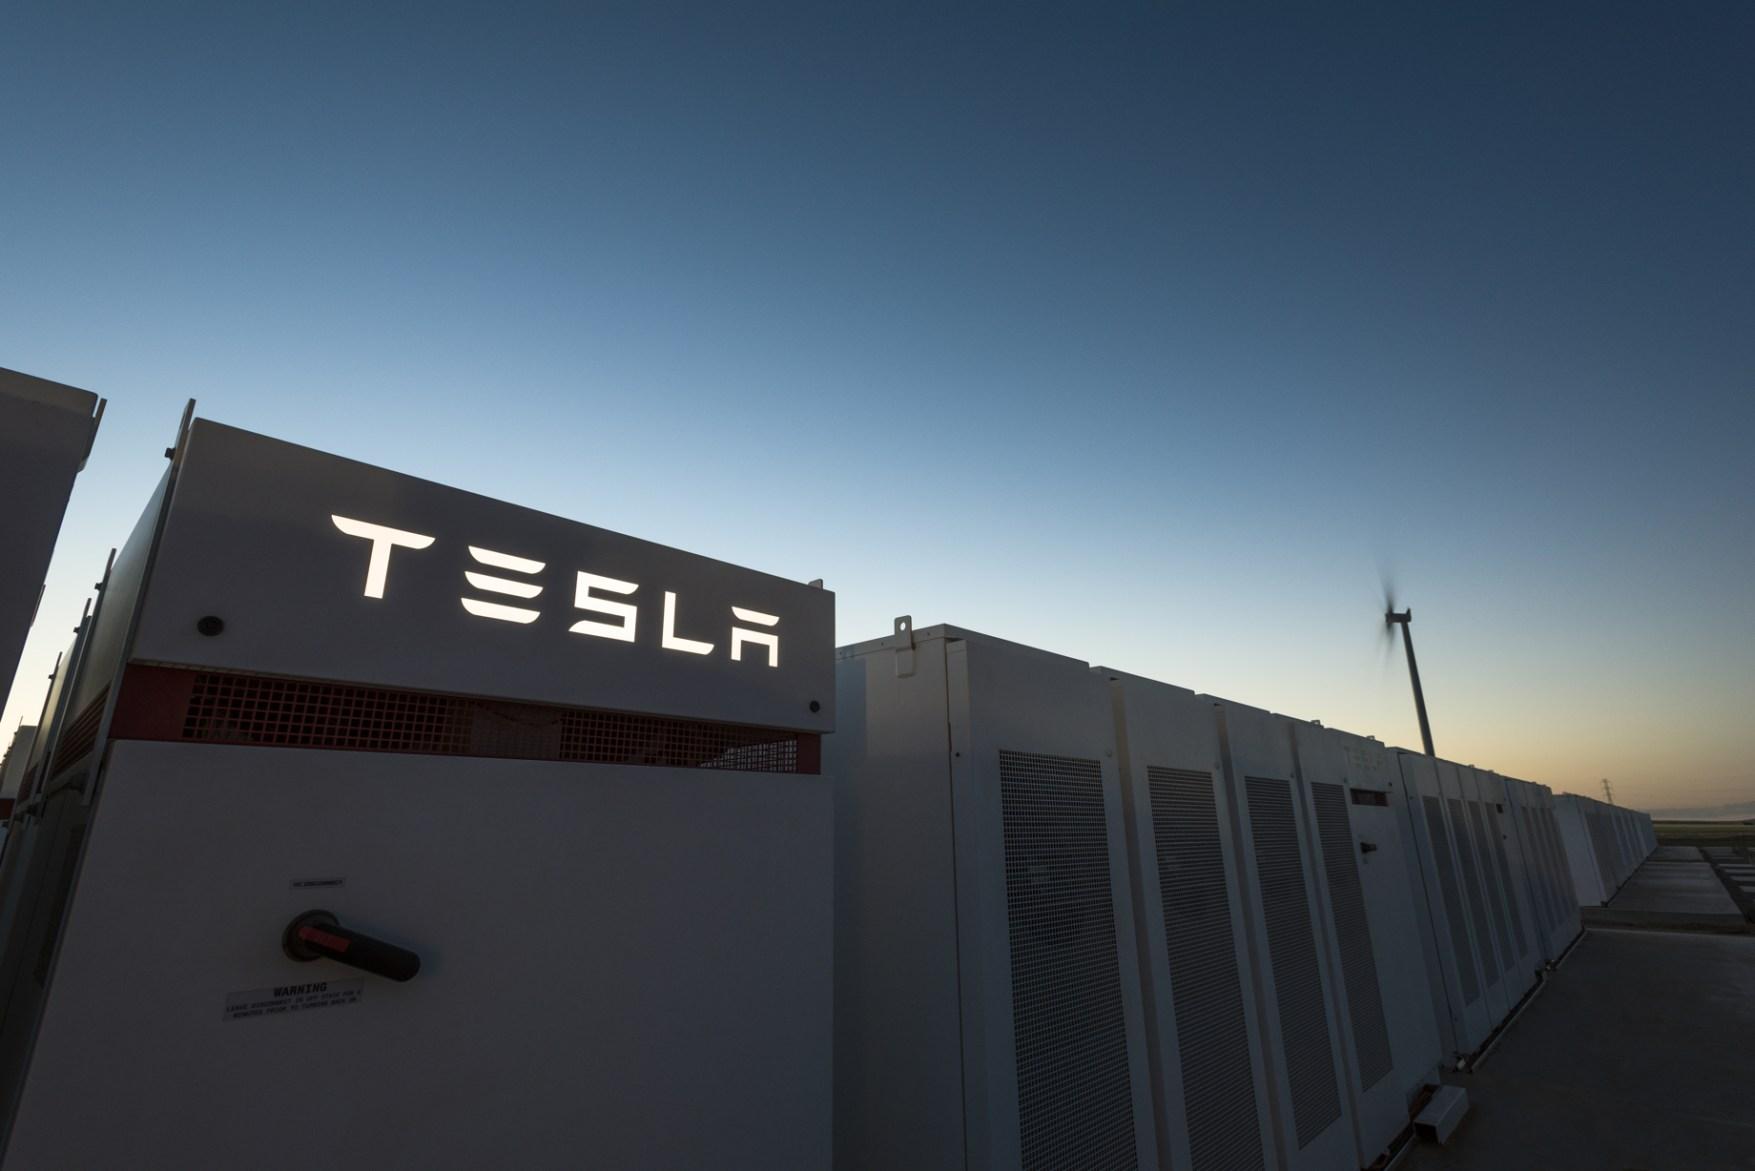 特斯拉入华逐鹿新能源市场 对国内厂商是挑战还是机遇?